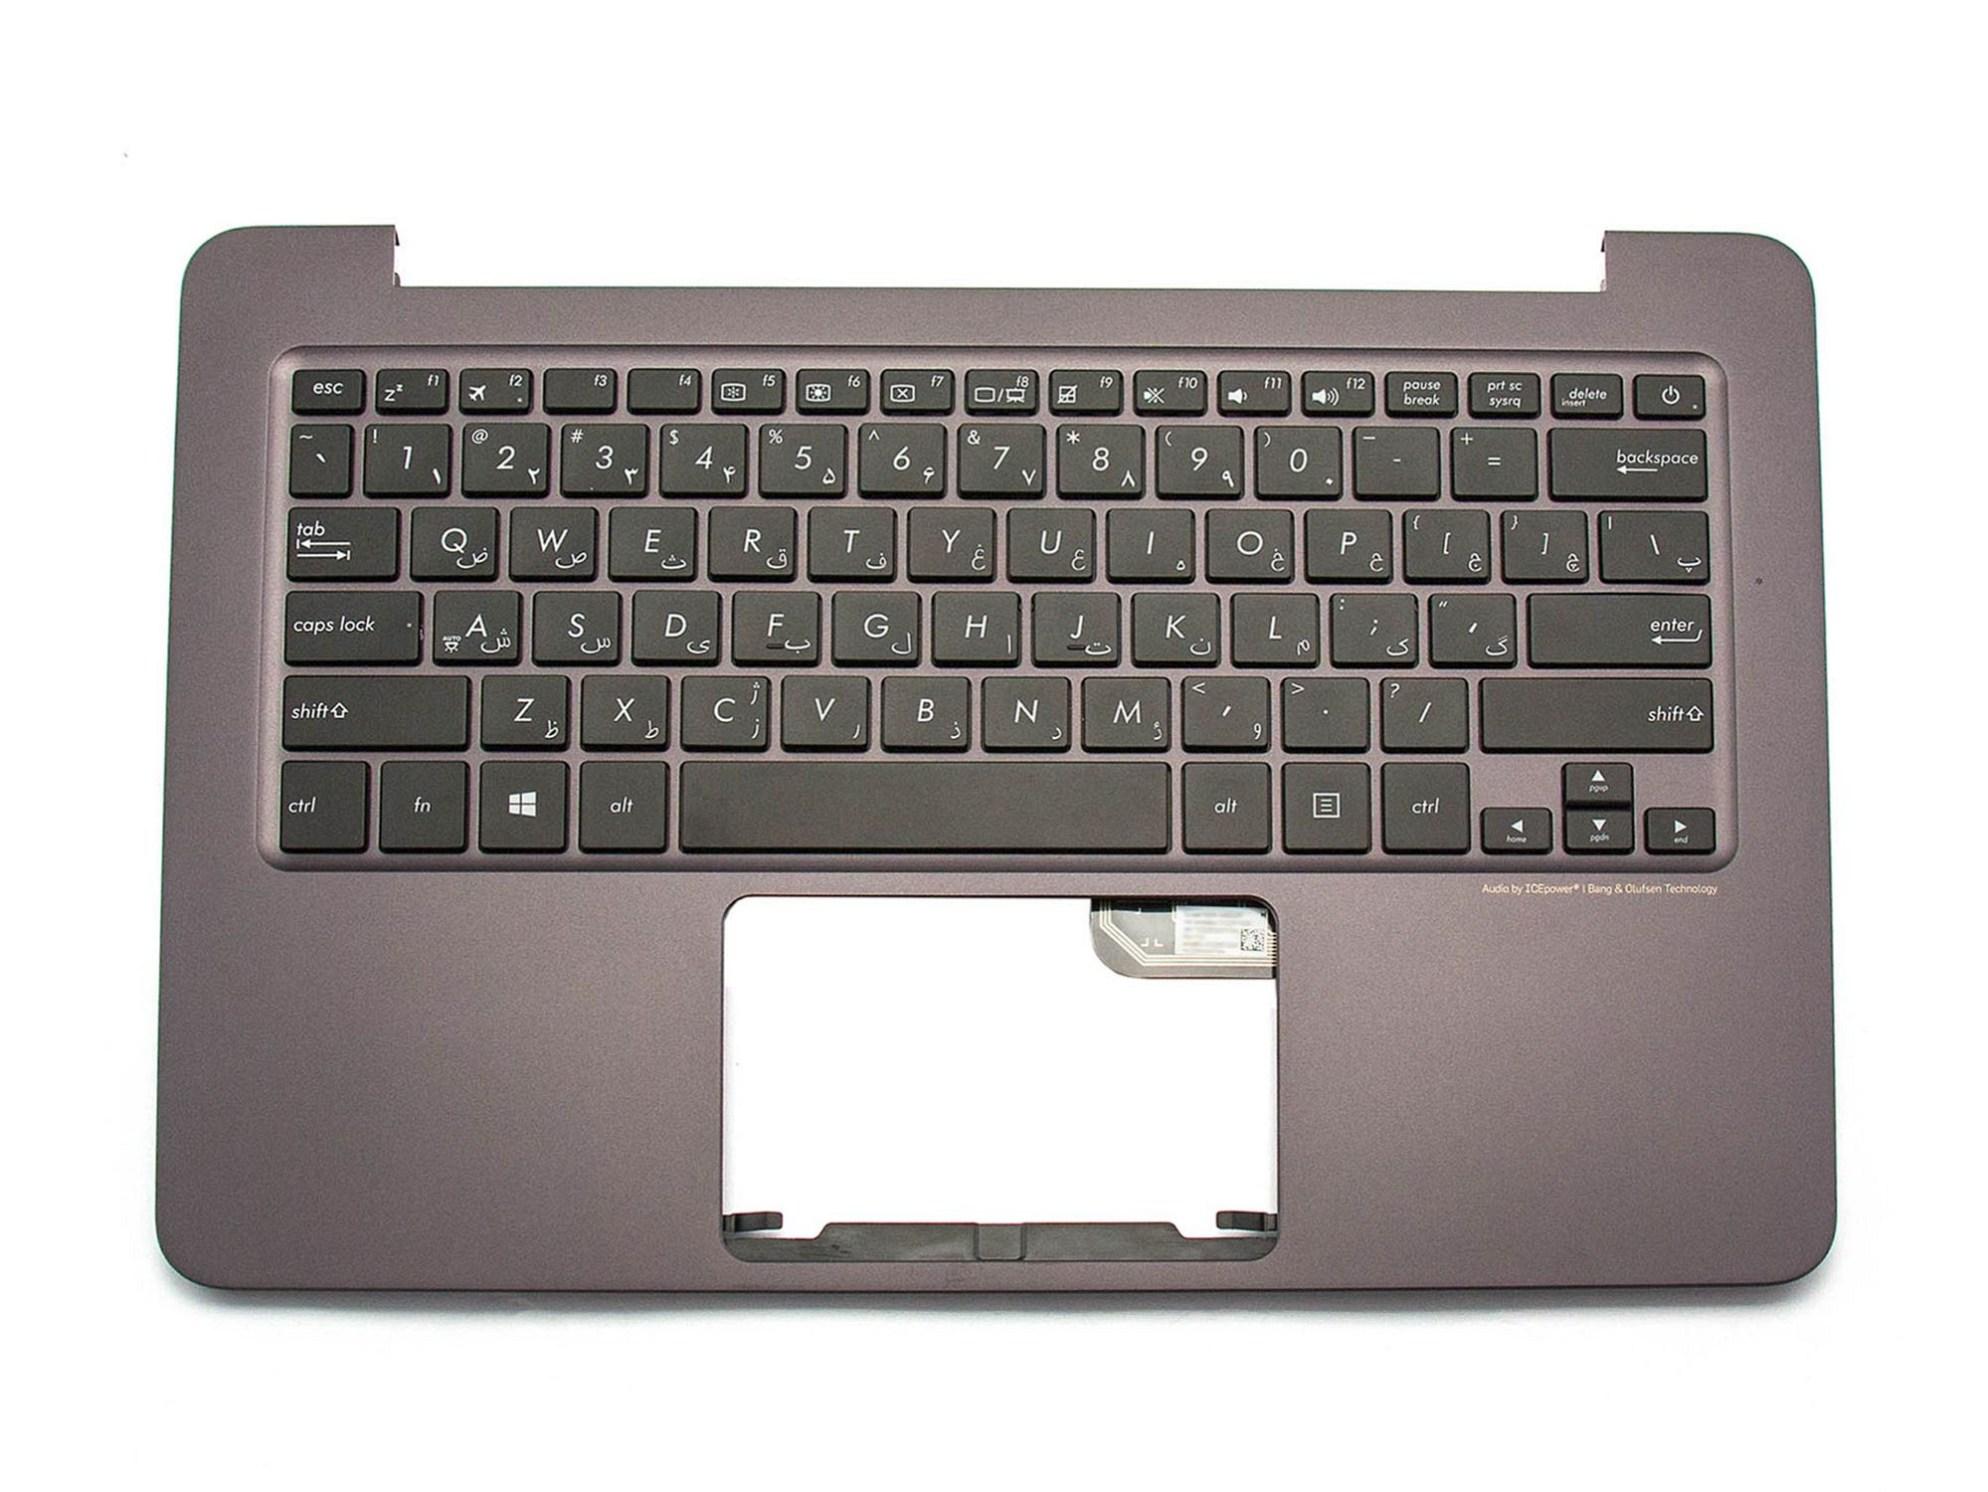 Asus 0KNB0-3125FS00 Tastatur inkl. Topcase FS (persisch) schwarz/anthrazit Original